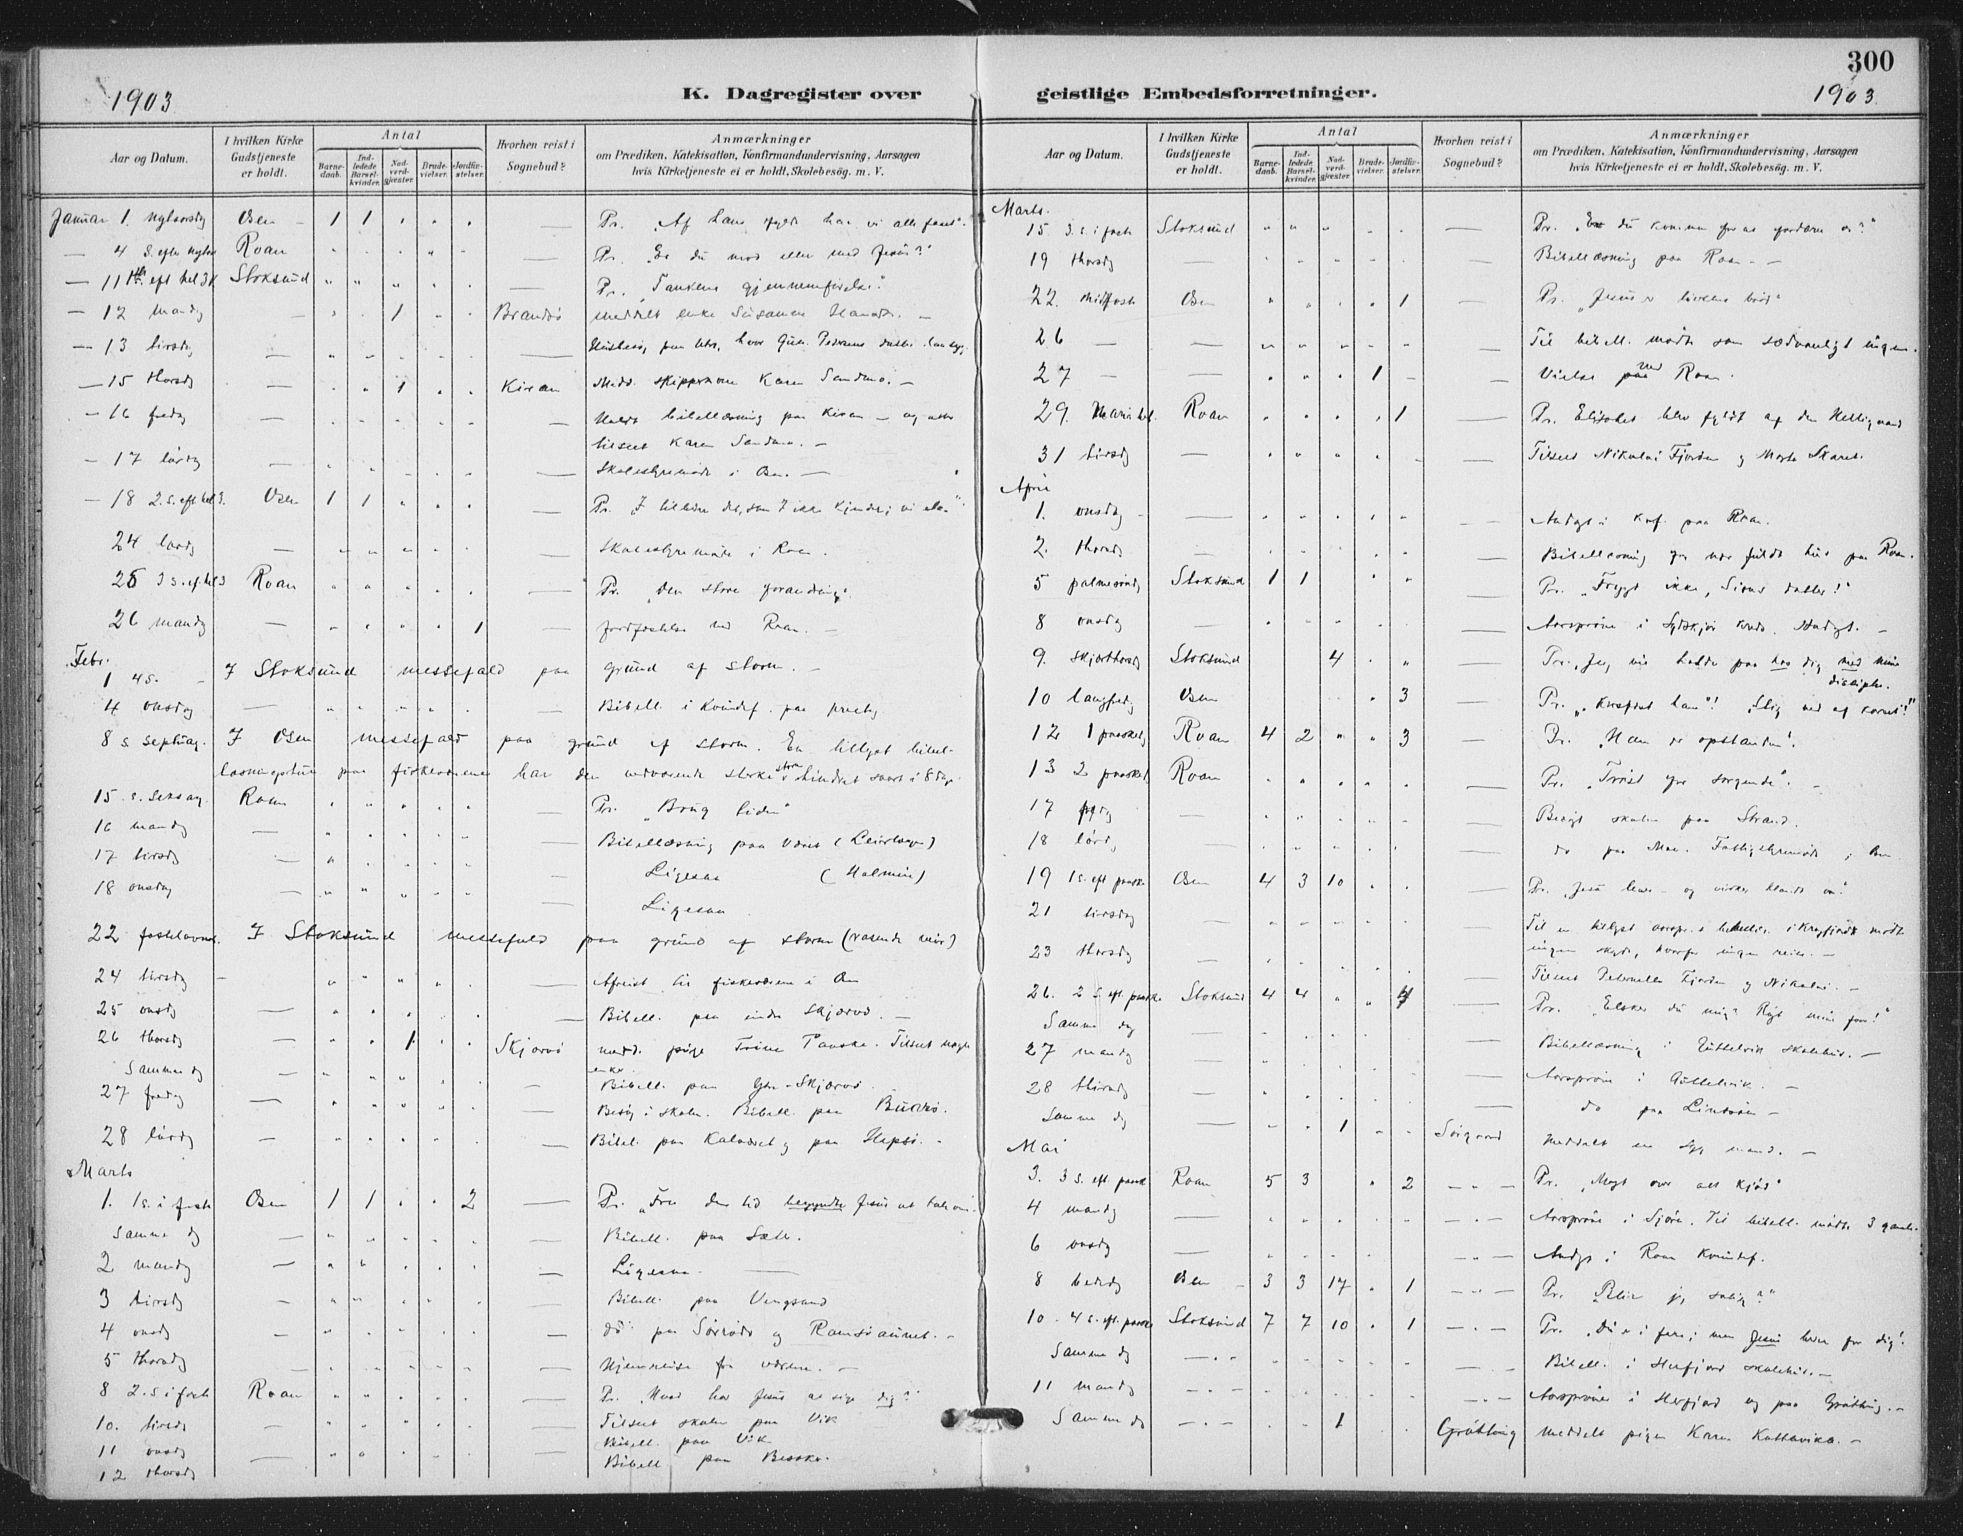 SAT, Ministerialprotokoller, klokkerbøker og fødselsregistre - Sør-Trøndelag, 657/L0708: Ministerialbok nr. 657A09, 1894-1904, s. 300